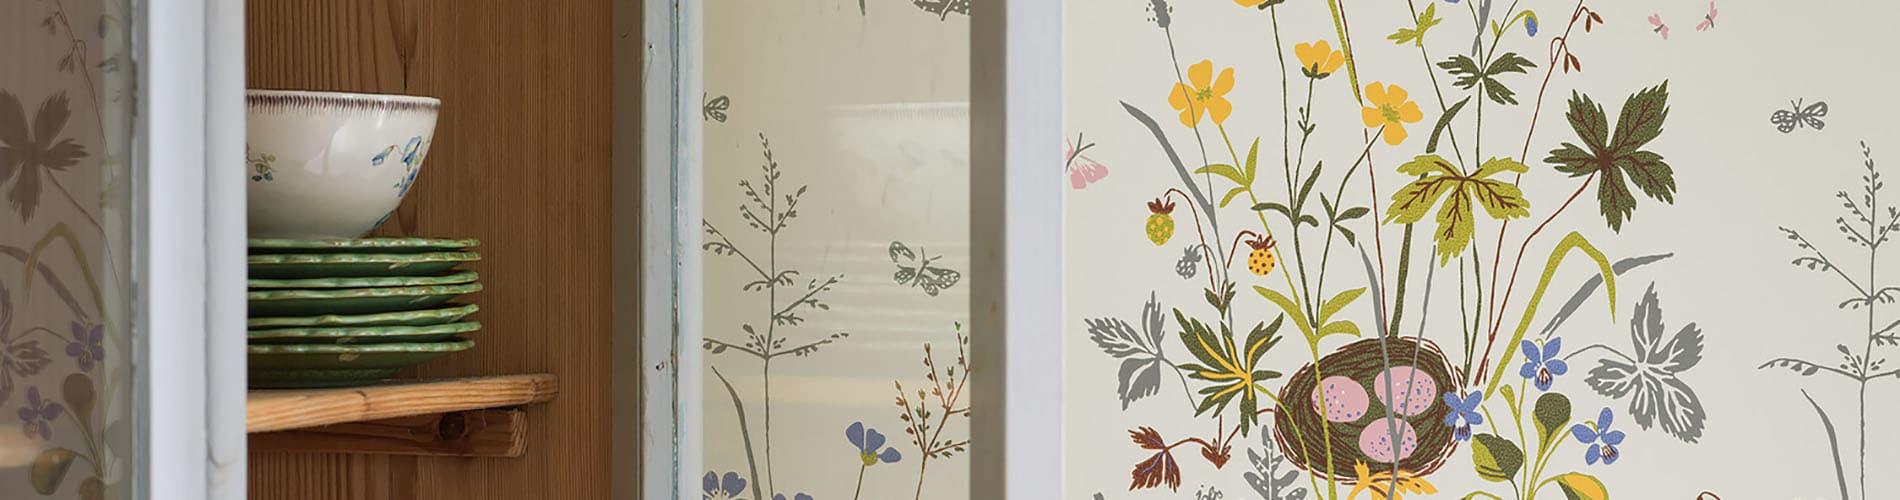 papel-estilo-floral-estampado